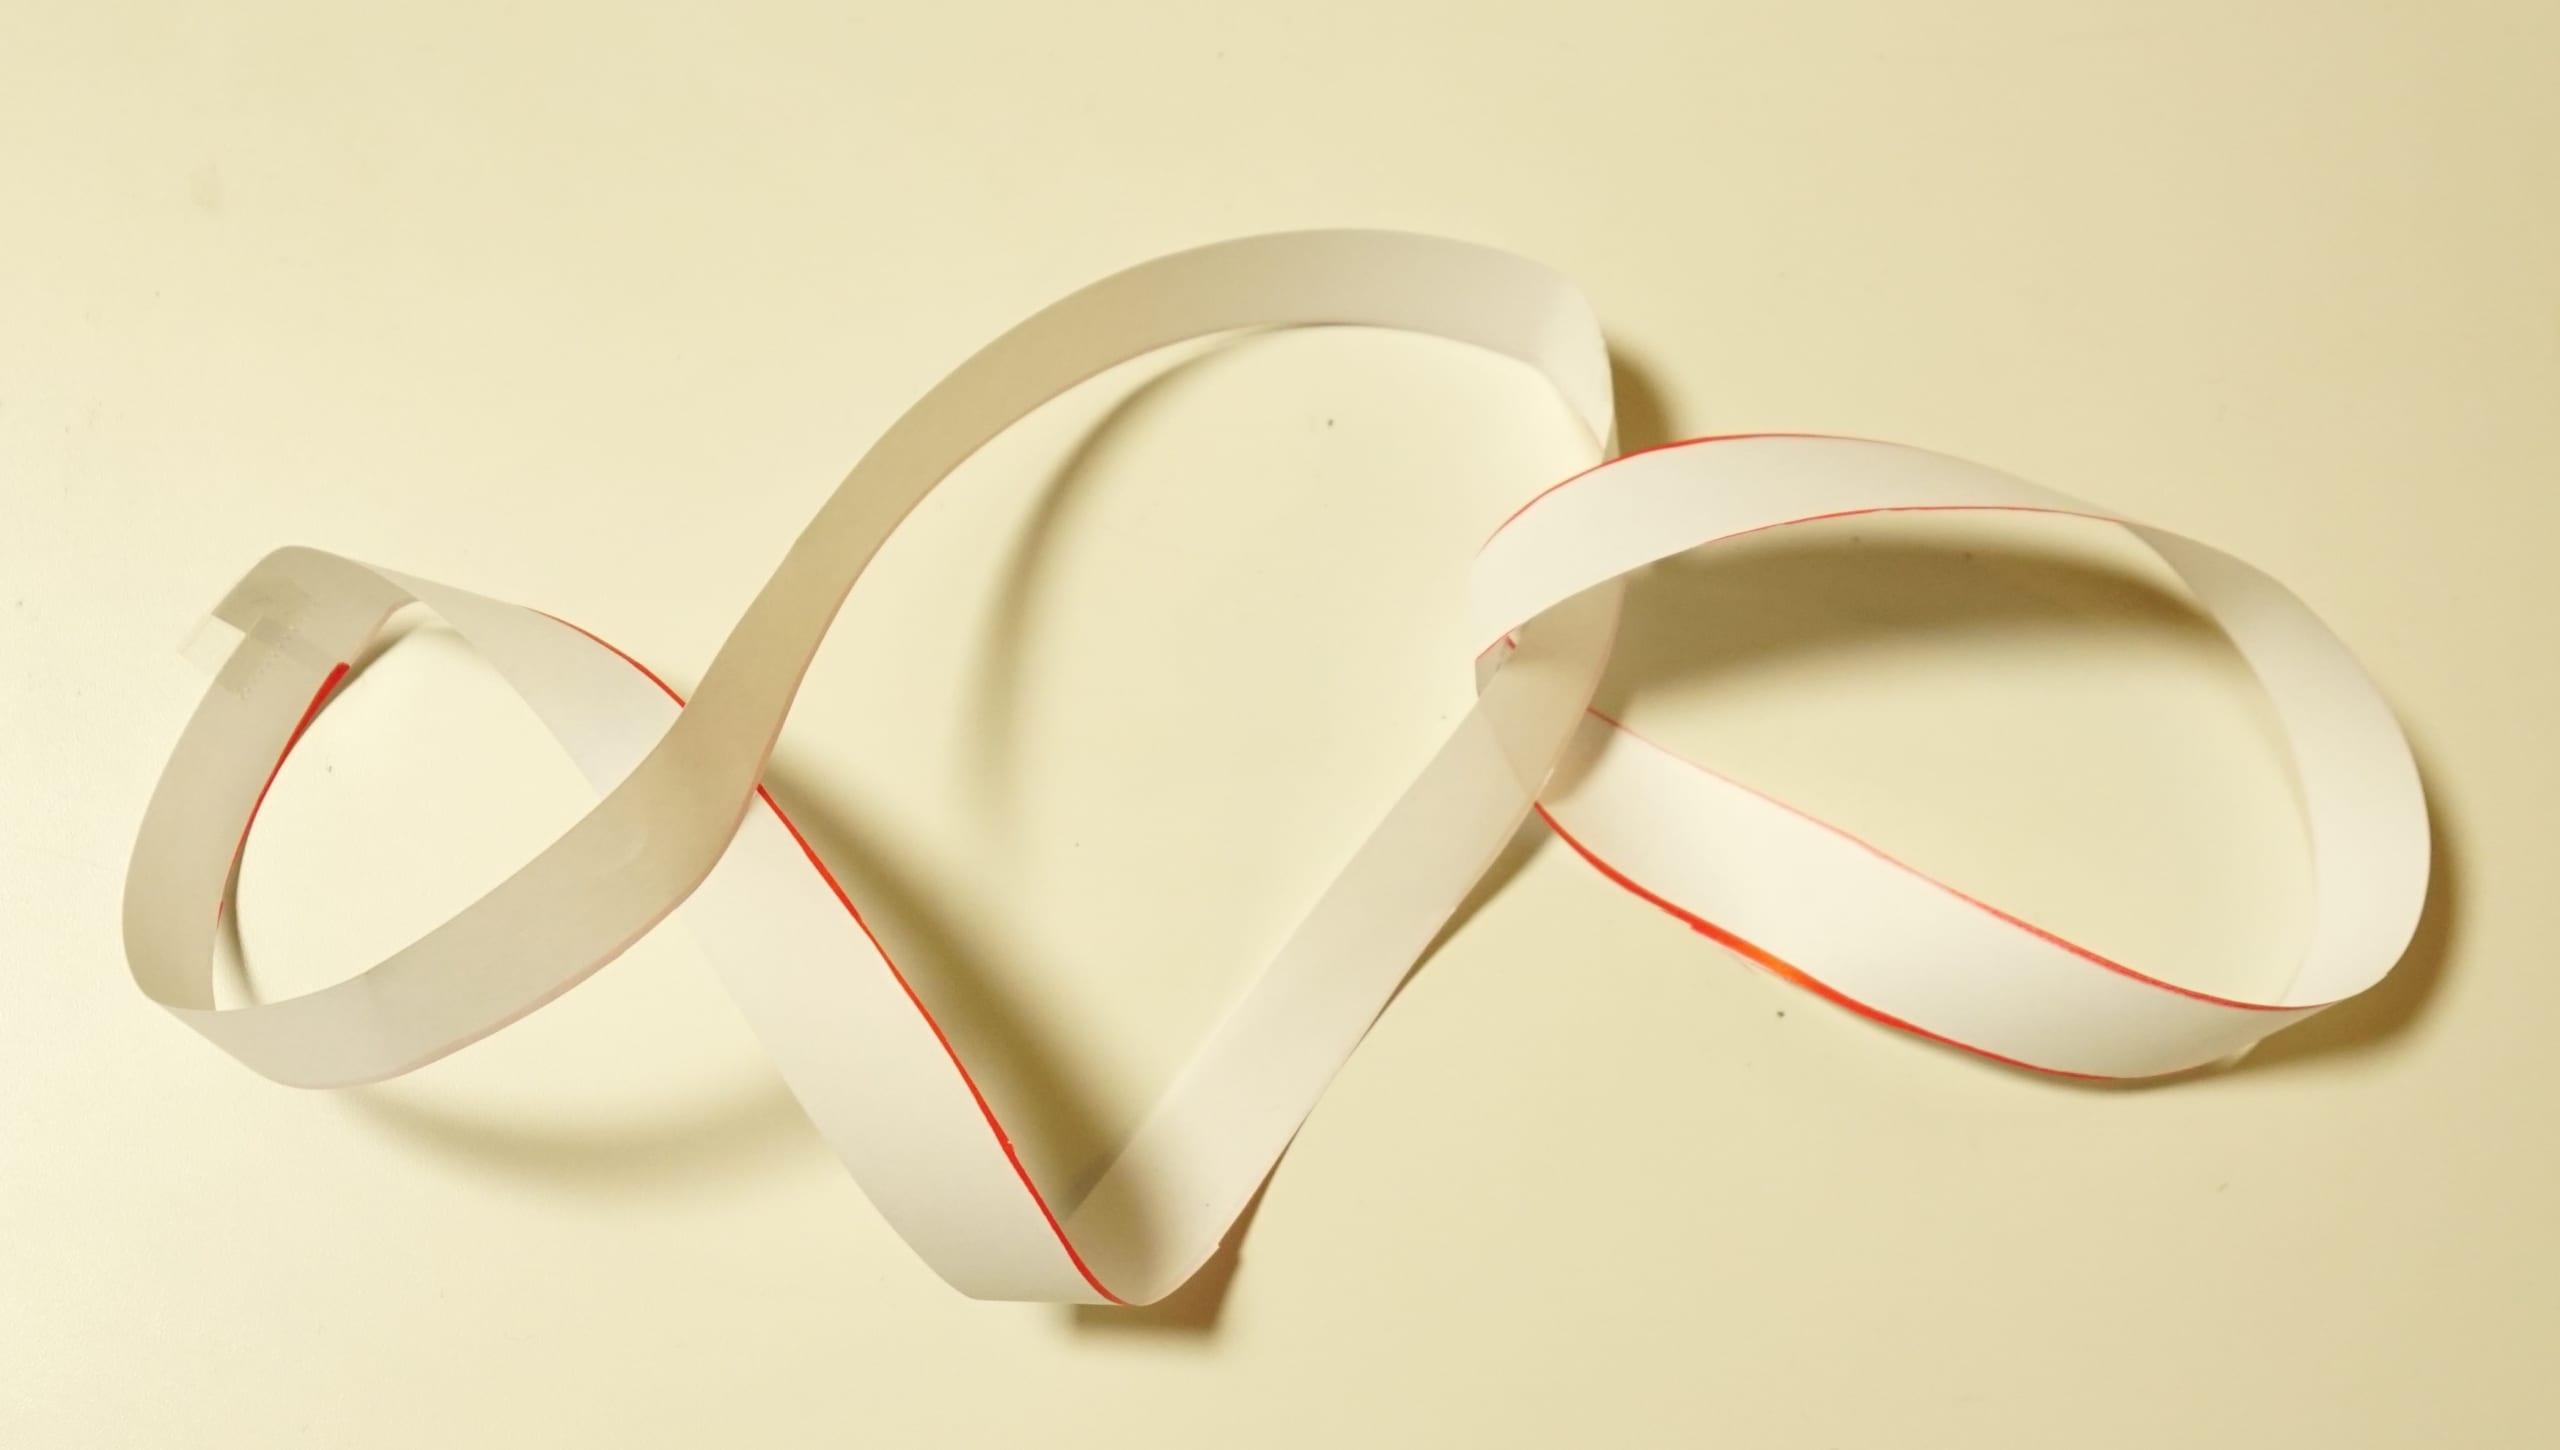 予想外。メビウスの輪に2本線を入れて切ったらどうなるの?実際にやってみた!の画像 9/12